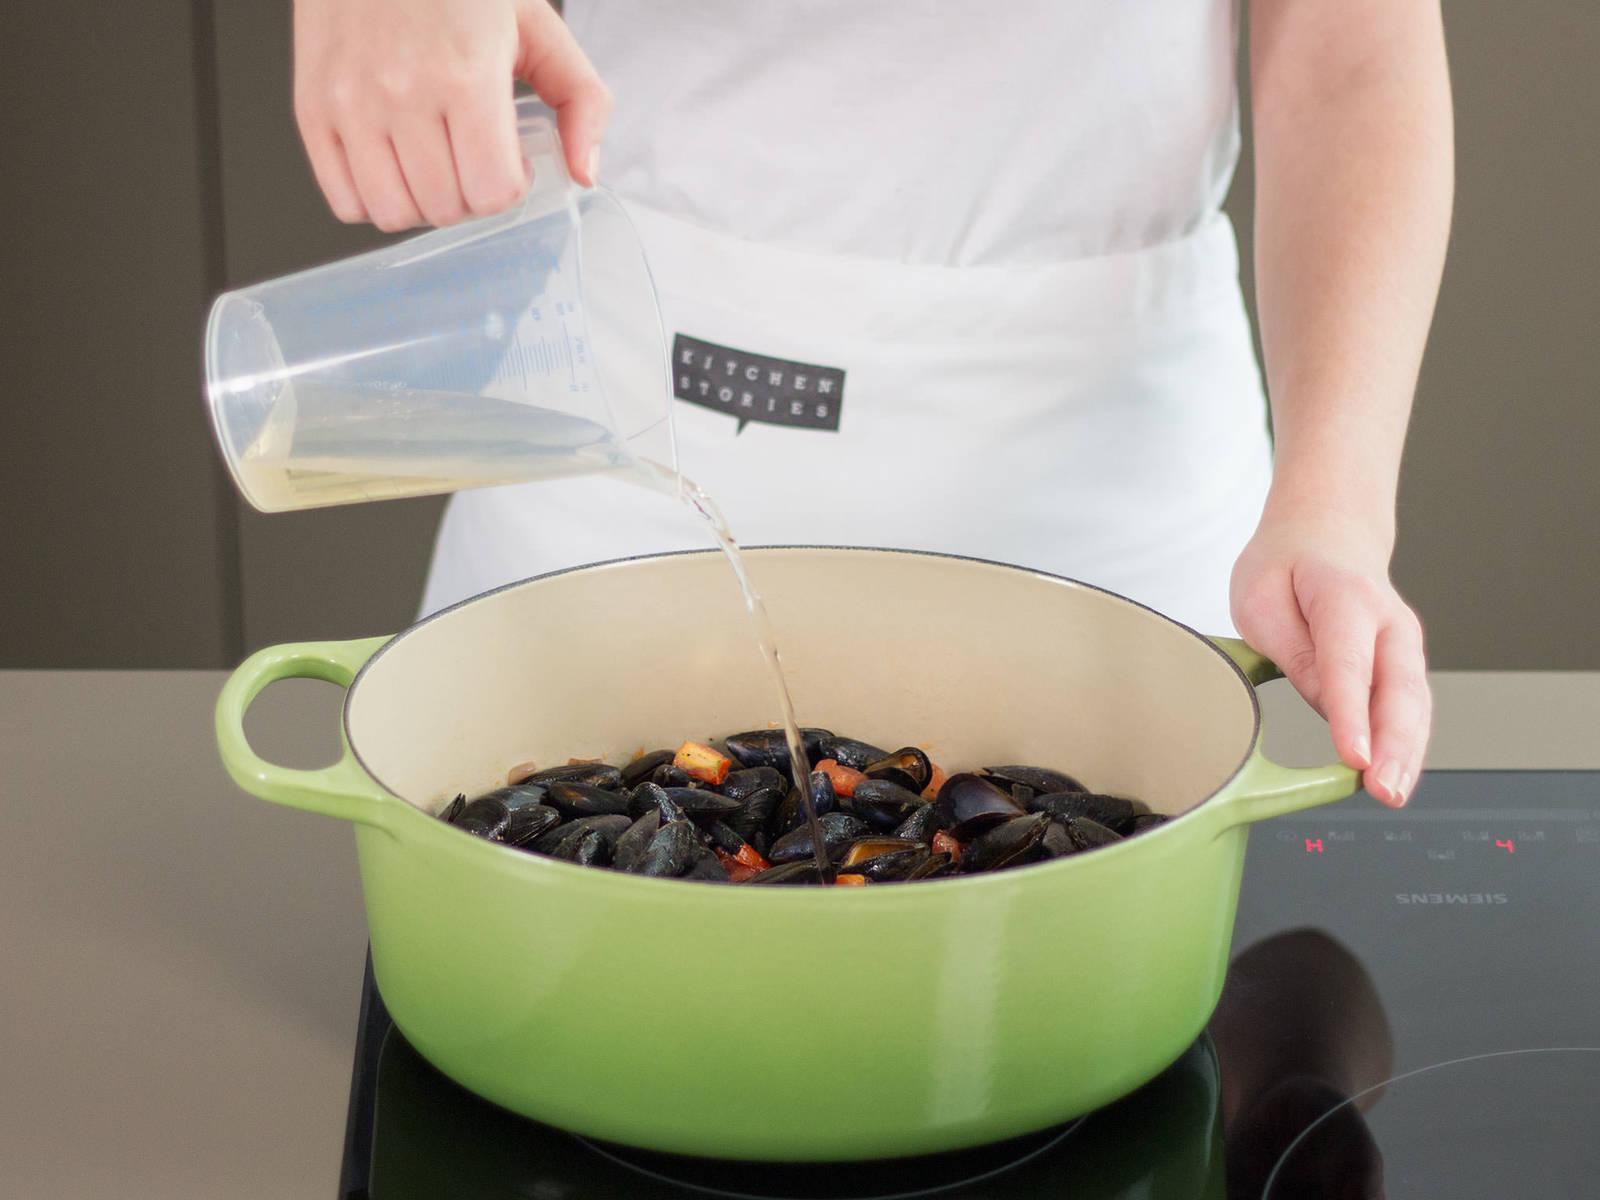 滤干青口贝。在另一个大平底锅中,中火加热少许植物油。倒入葱头和剩余的西红柿、蒜、胡萝卜和芹菜。翻炒5-7分钟。 然后,将剩余的月桂叶和欧芹、青口、柠檬汁以及剩余的白葡萄酒加入其中。 加盐与胡椒调味。 调至小火,盖上锅盖,闷煮10-12分钟,或直至青口贝完全张开。 将马赛鱼汤倒出至碗中。饰以鱼或/和虾、切碎的新鲜欧芹和青口。 尽情享用吧!